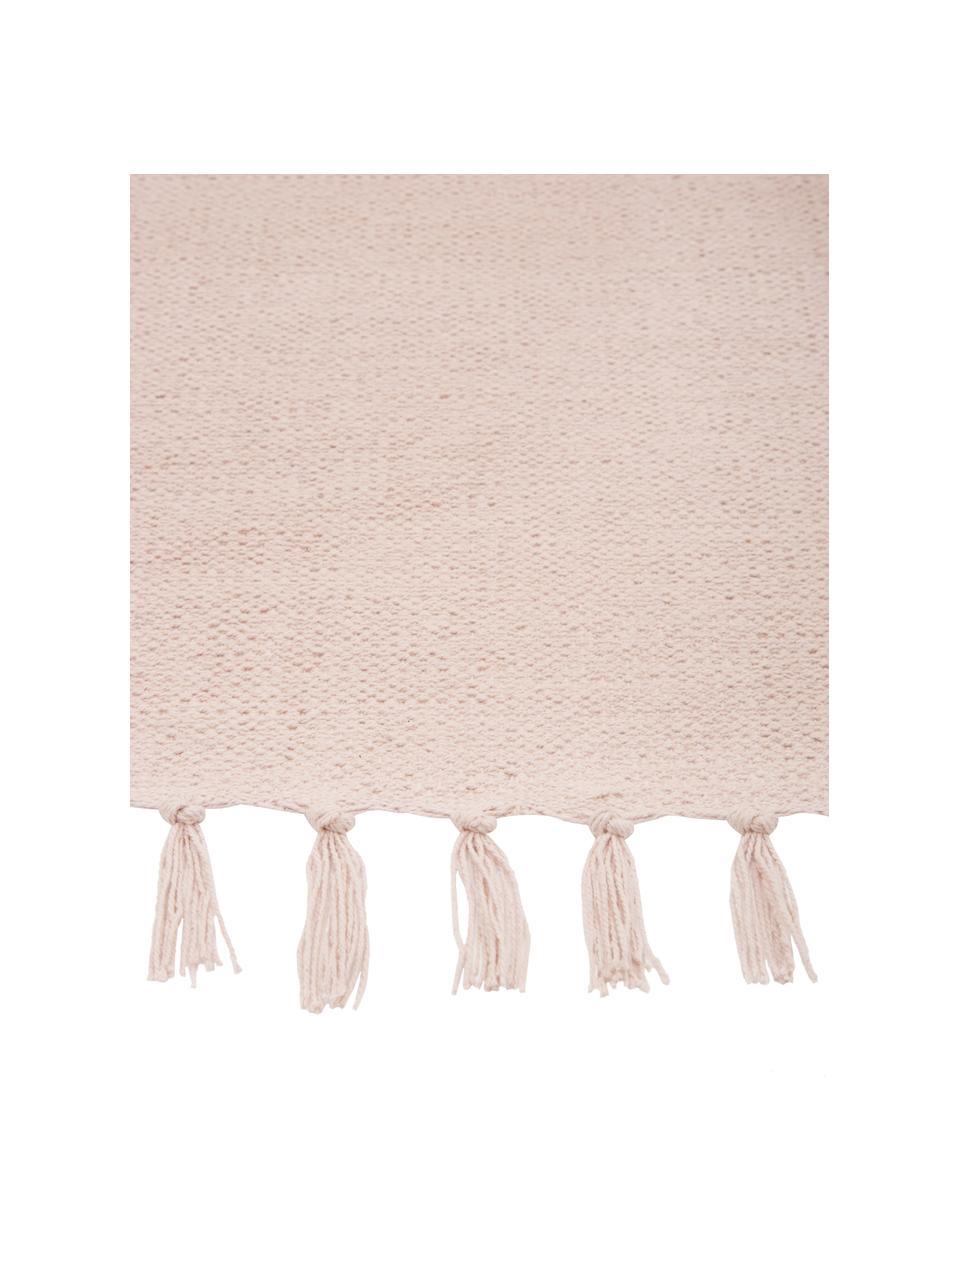 Tappeto sottile in cotone rosa tessuto a mano Agneta, 100% cotone, Rosa, Larg. 120 x Lung. 180 cm (taglia S)